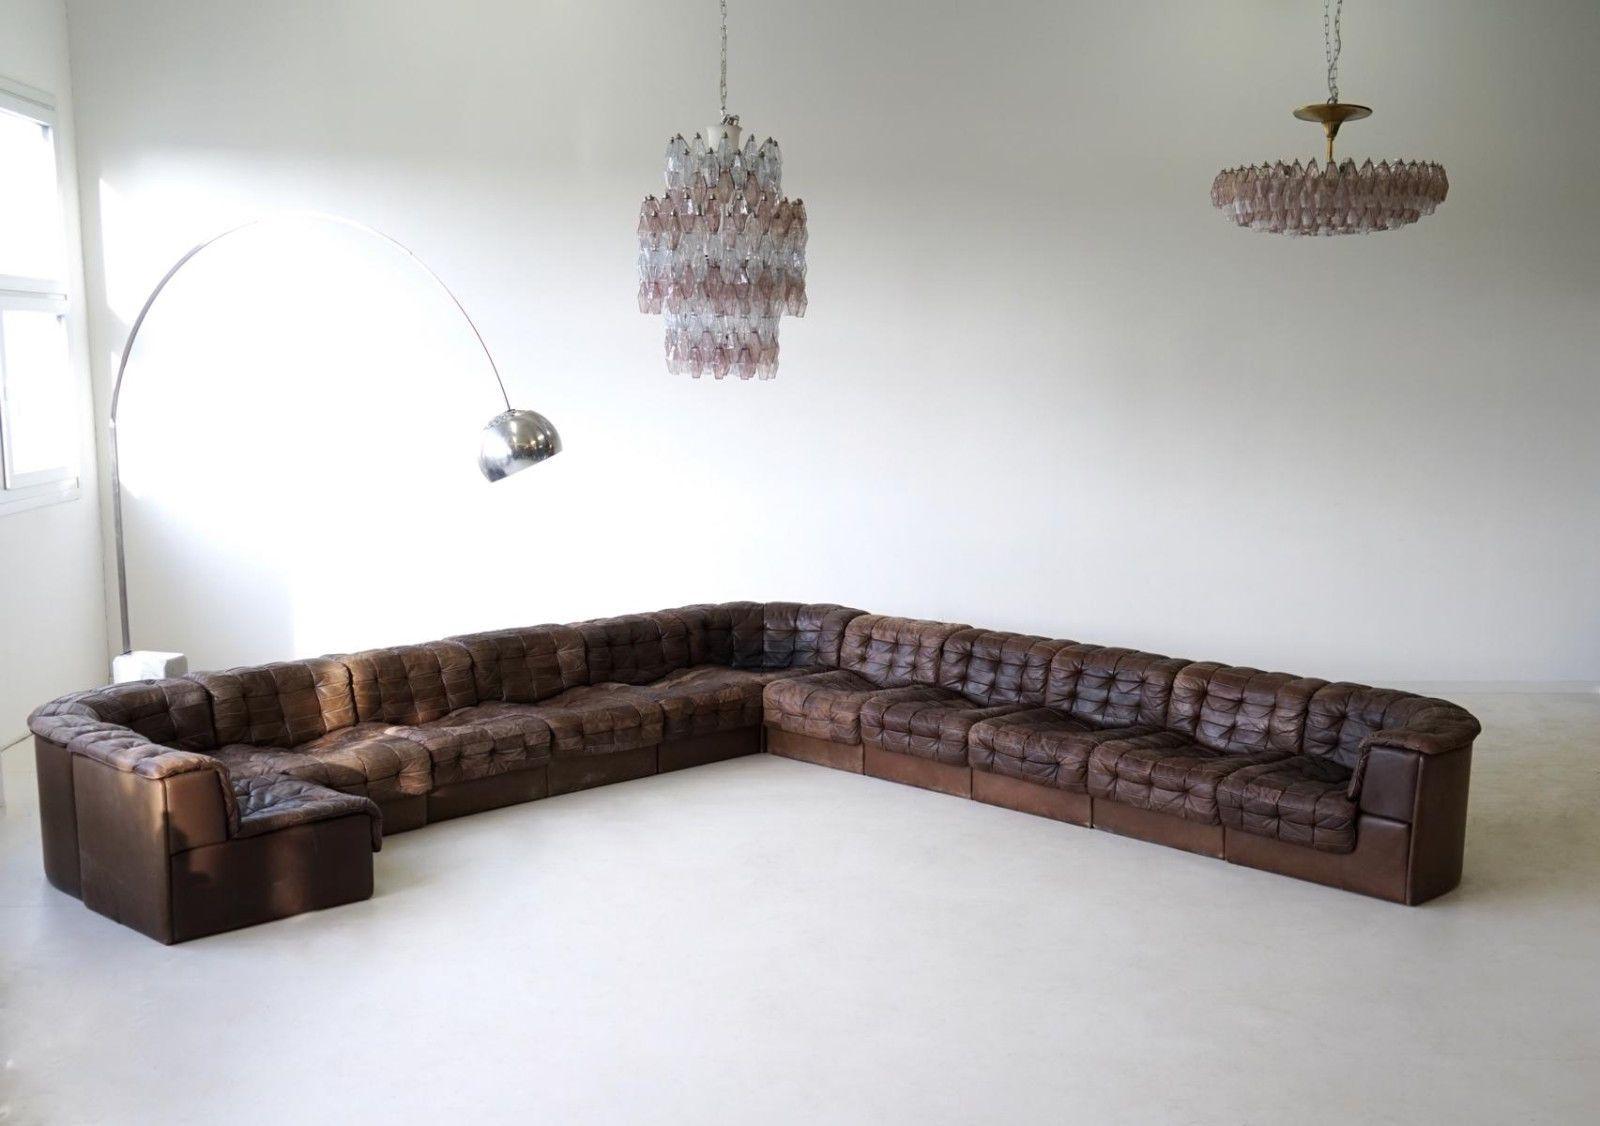 Full Size of De Sede Sofa Furniture For Sale Bed Sleeper Ds 47 Gebraucht Leder Kaufen Used Sessel Outlet Endless 600 Bi Preis Höffner Big Blaues Wellness Wochenende Baden Sofa De Sede Sofa